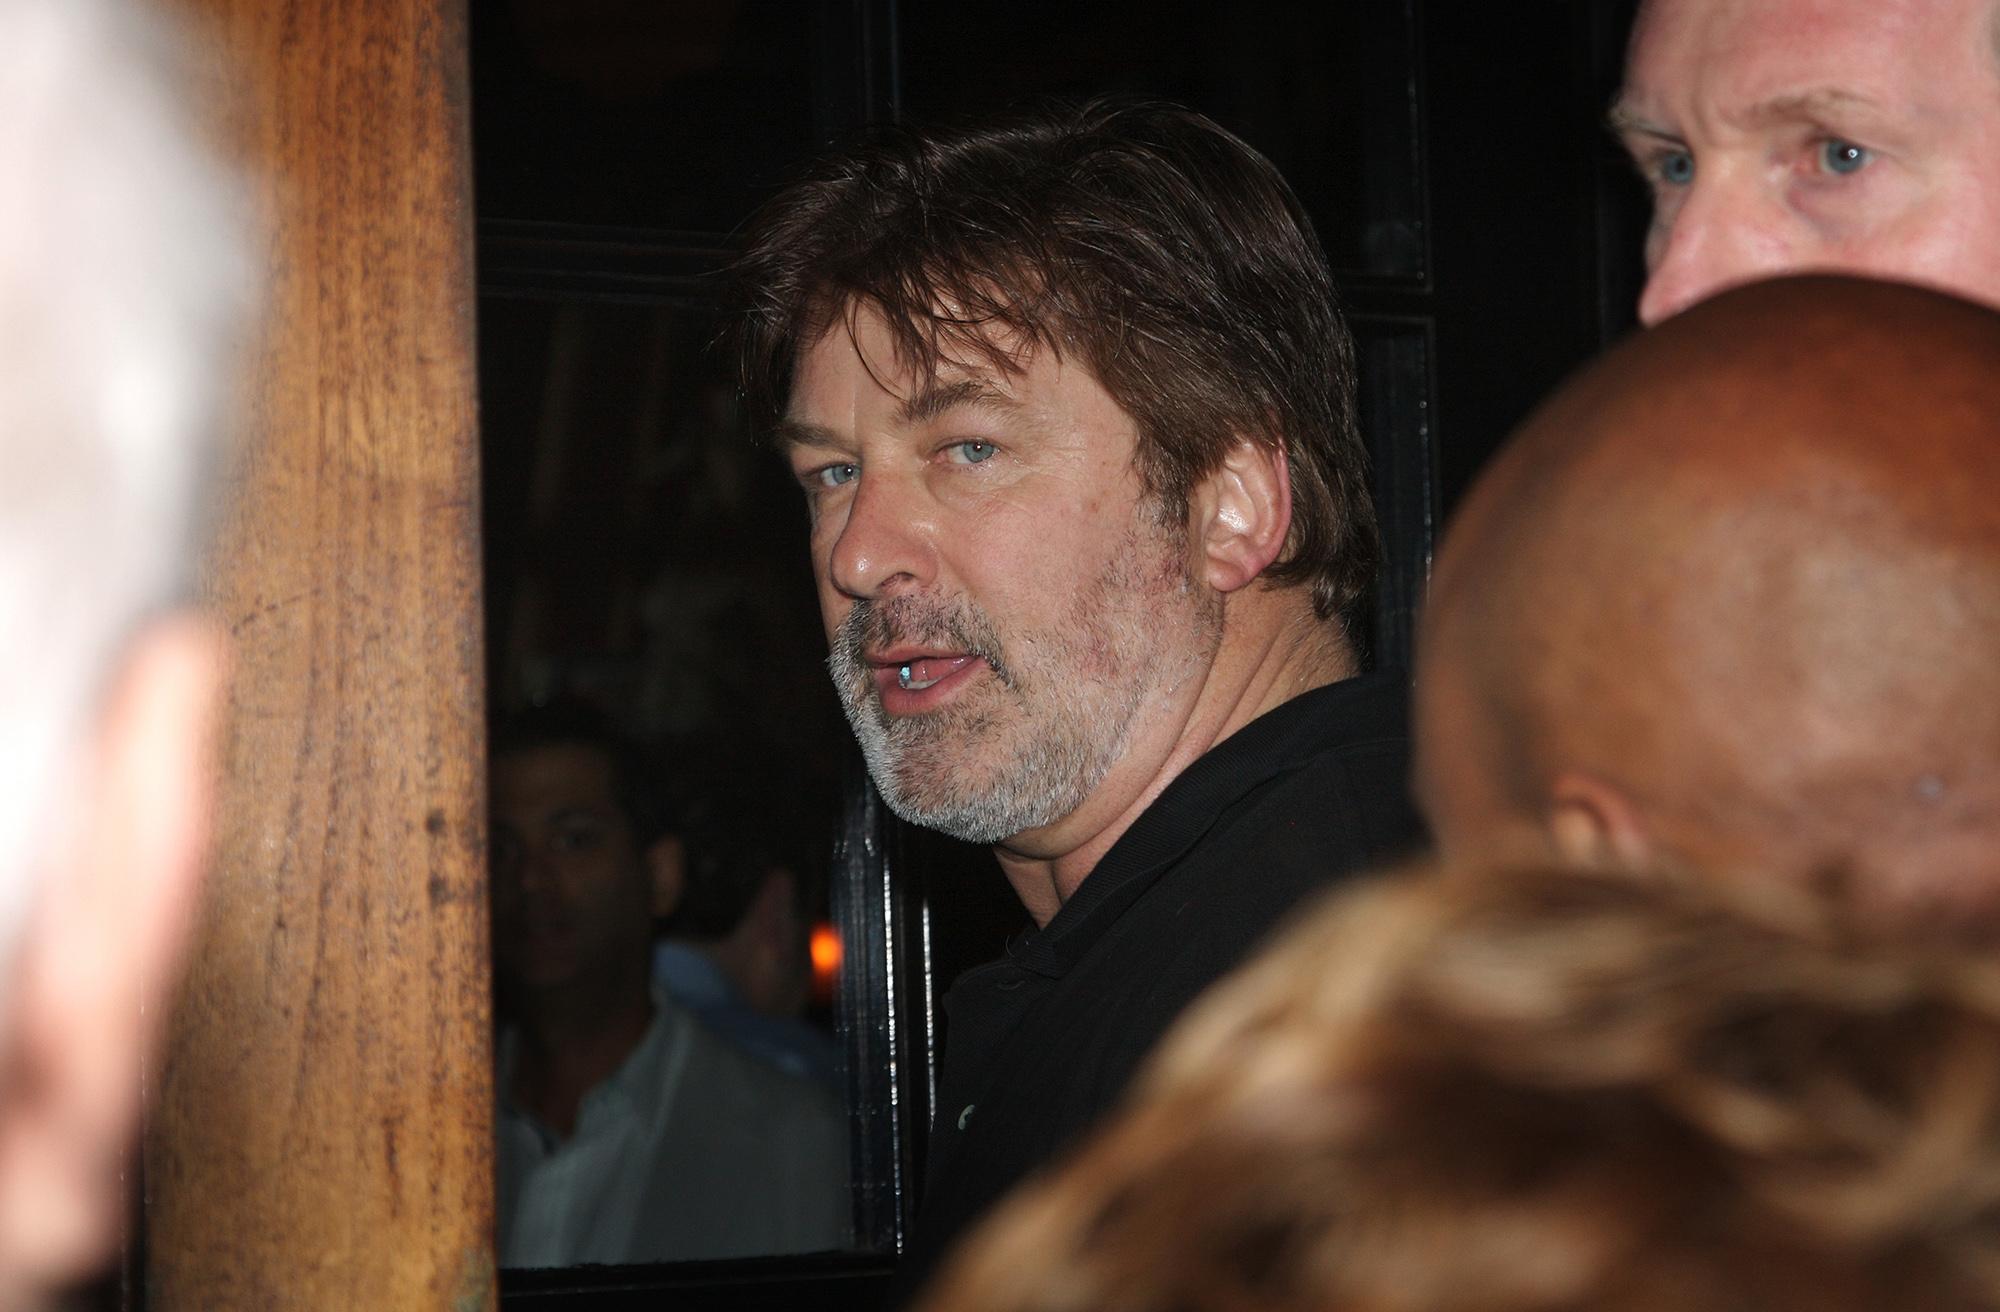 Алек Болдуин напрощальной вечеринке послучаю закрытия легендарного нью-йоркского ресторана Elaine's вмае 2011 года.